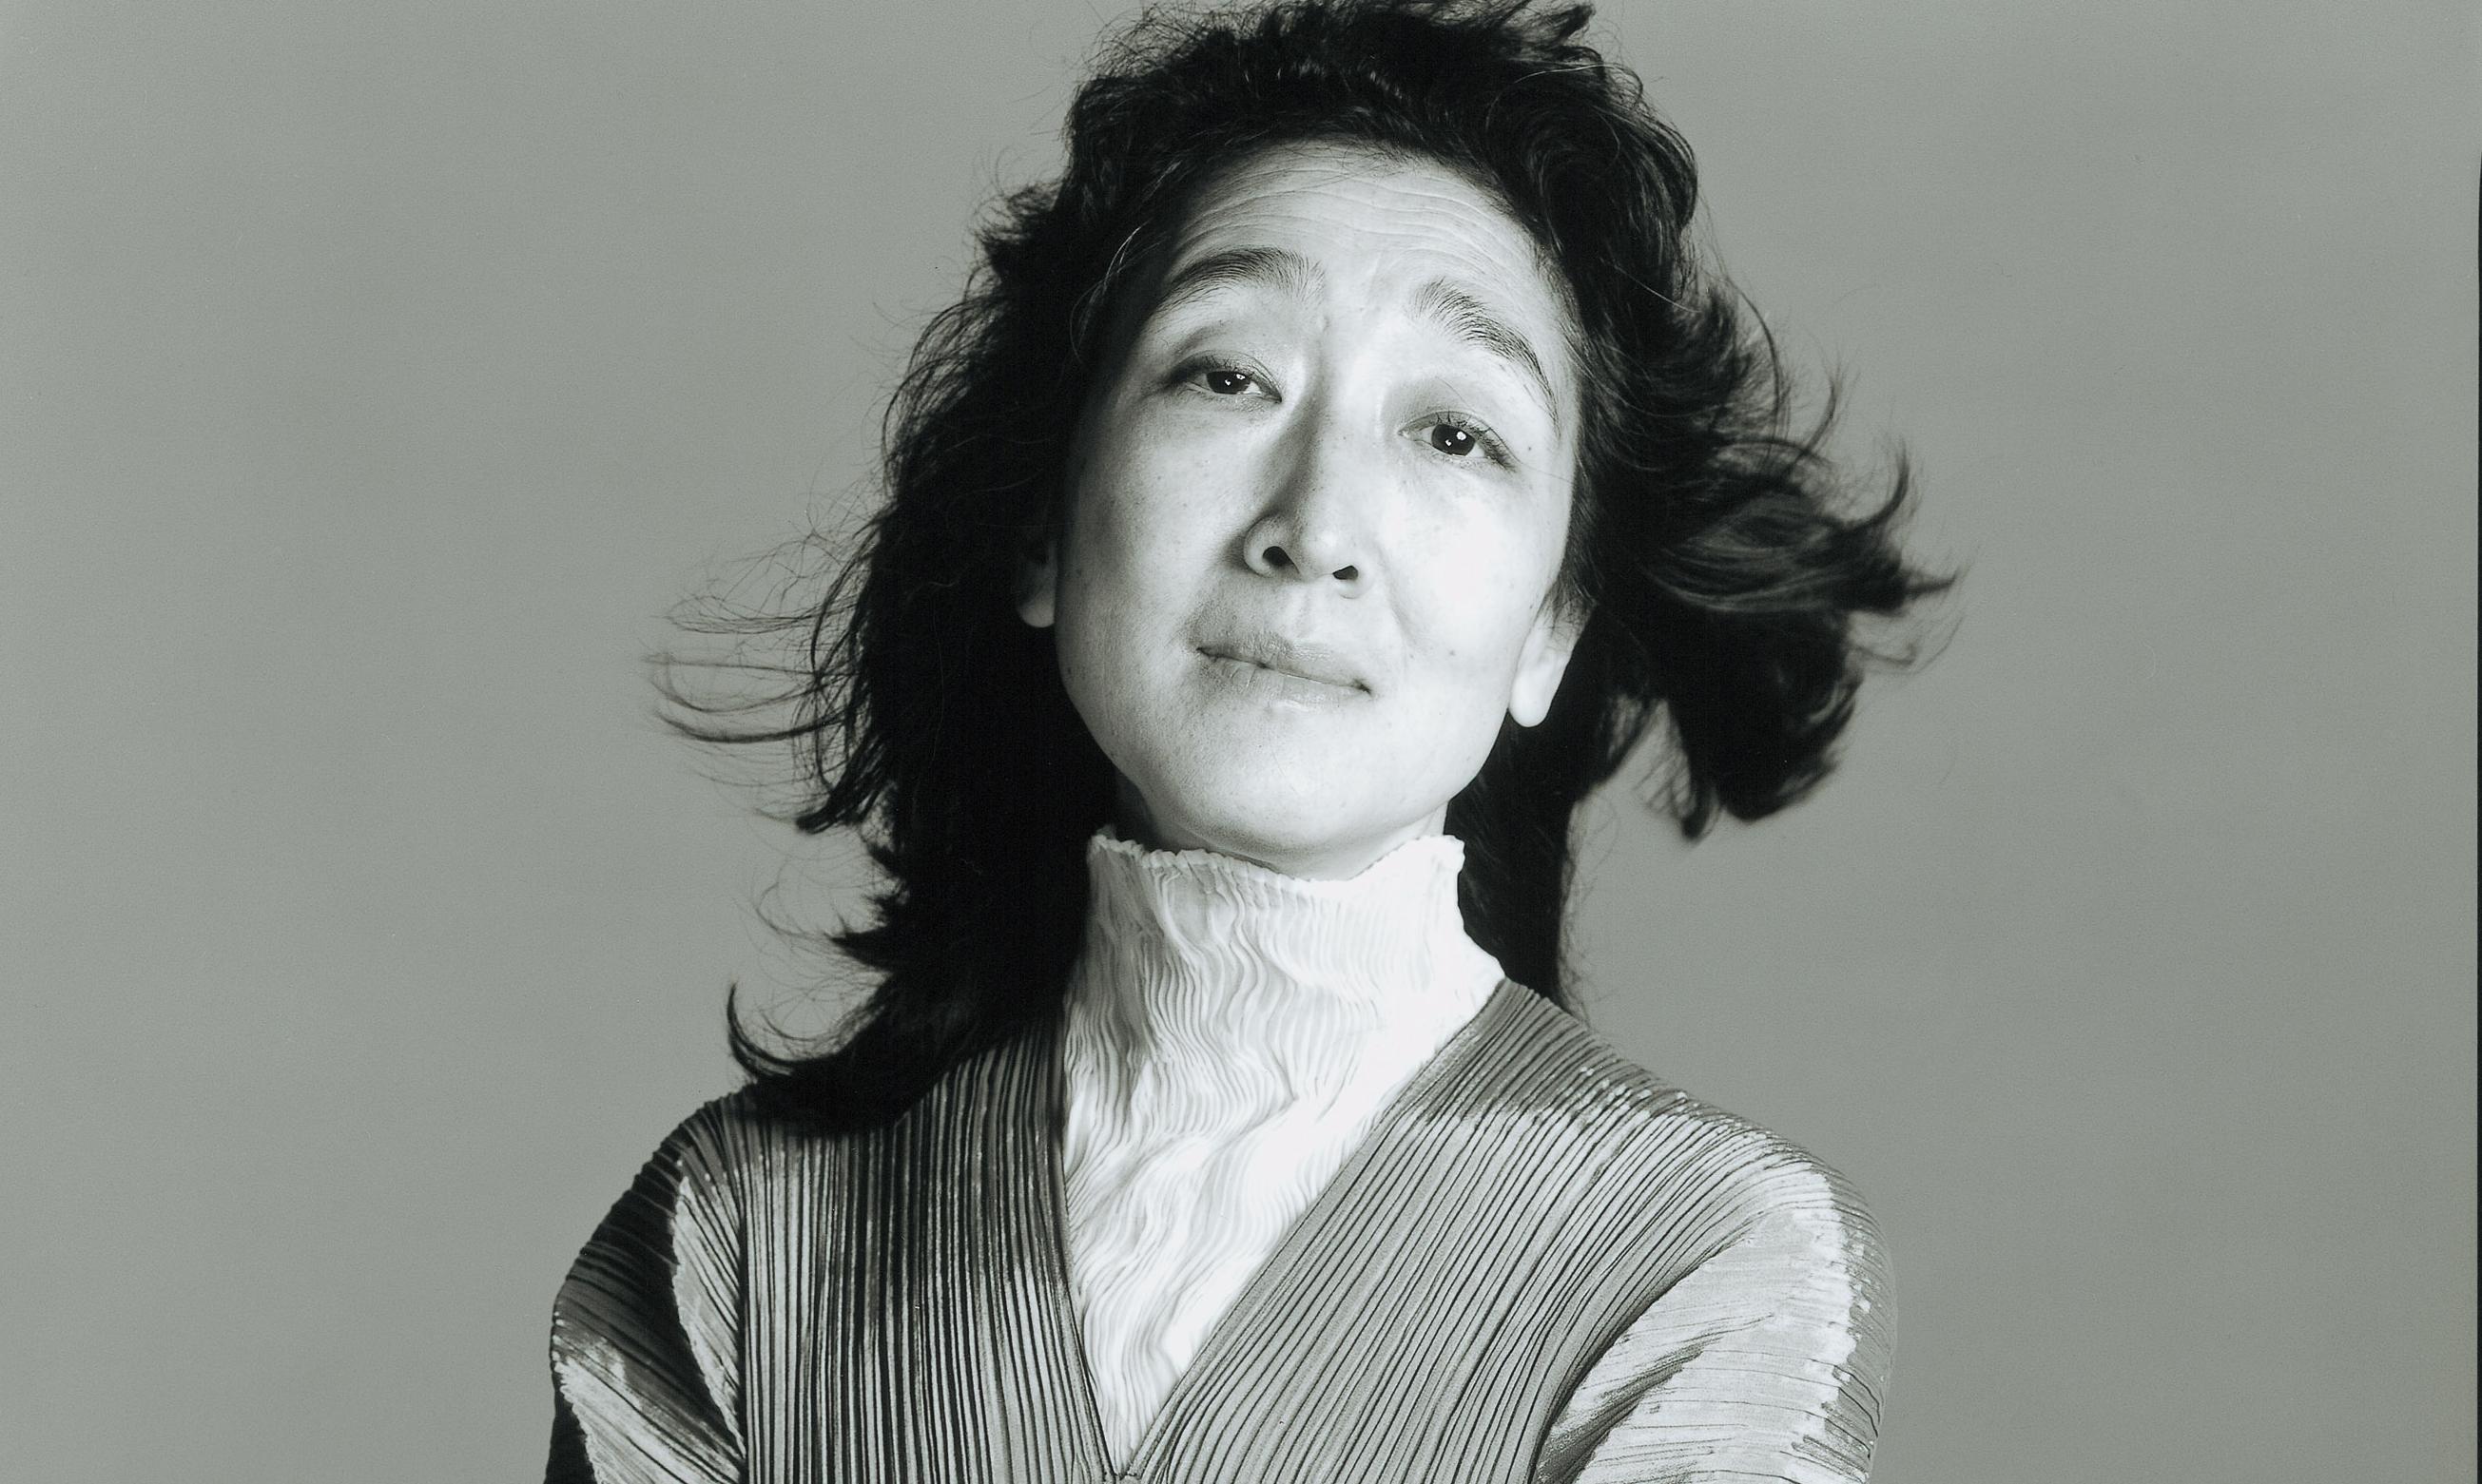 Clásicos de carácter: Mitsuko Uchida